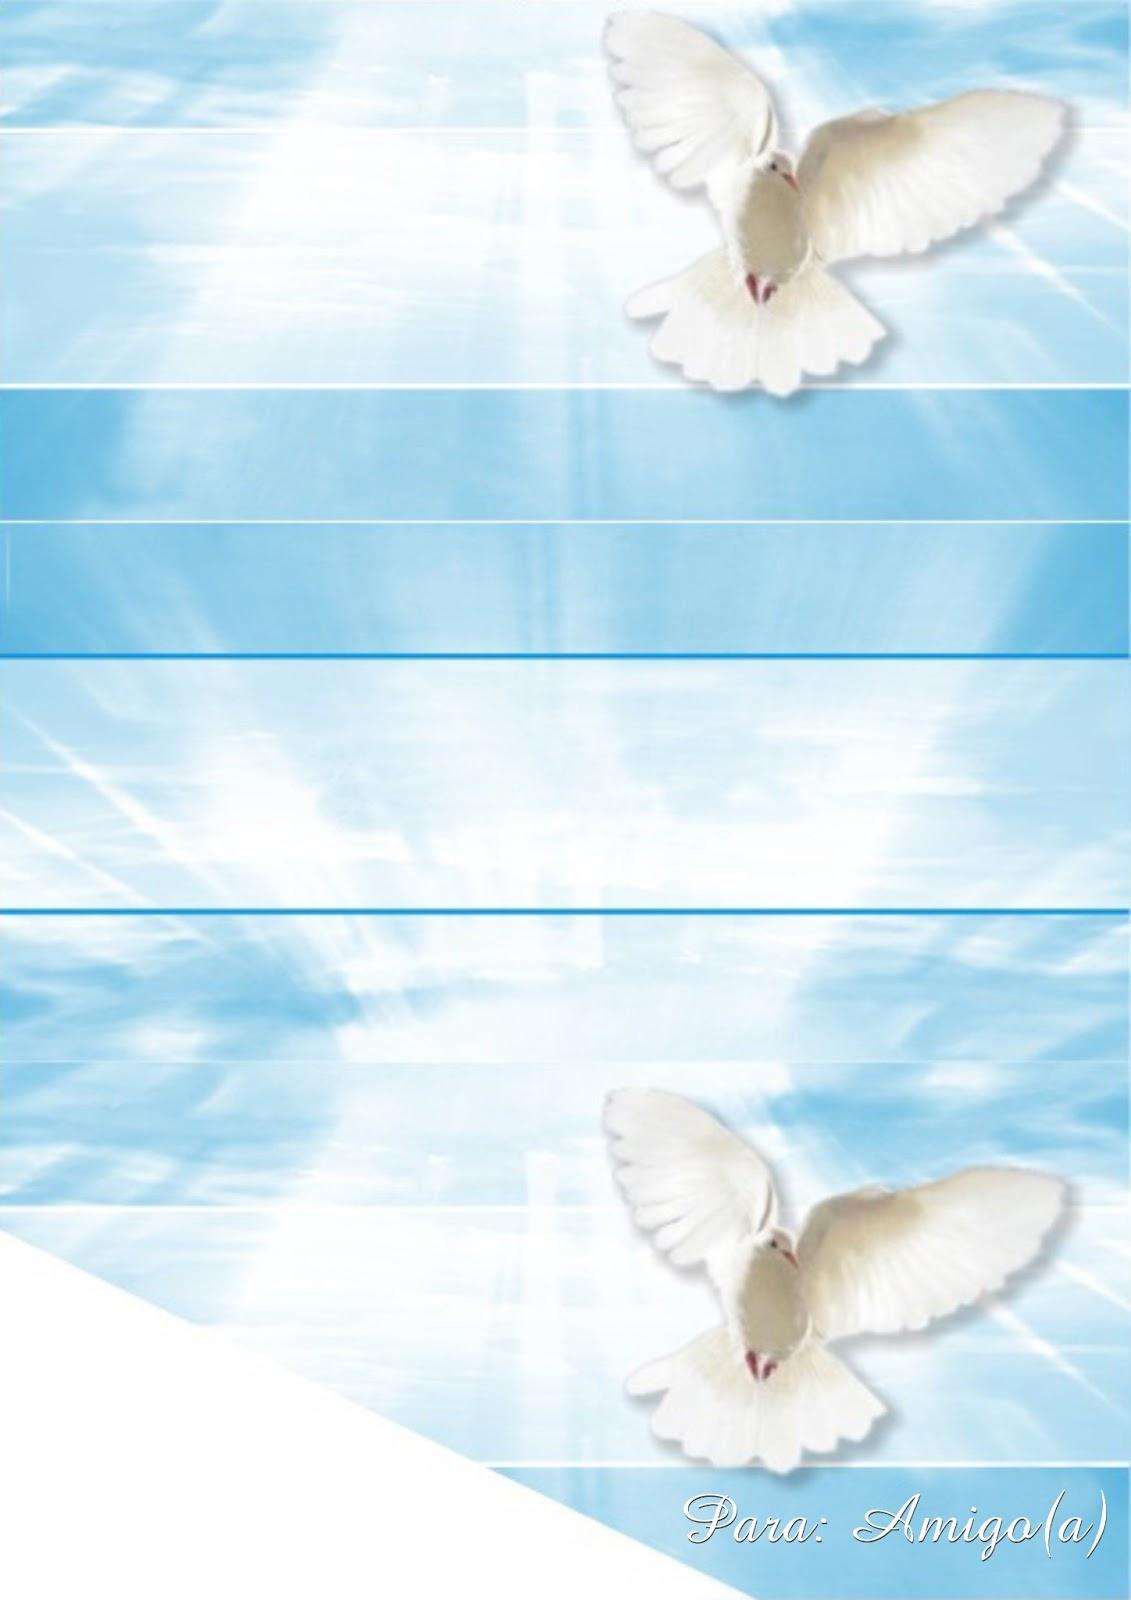 Filho do nosso amigo em los angeles - 2 10